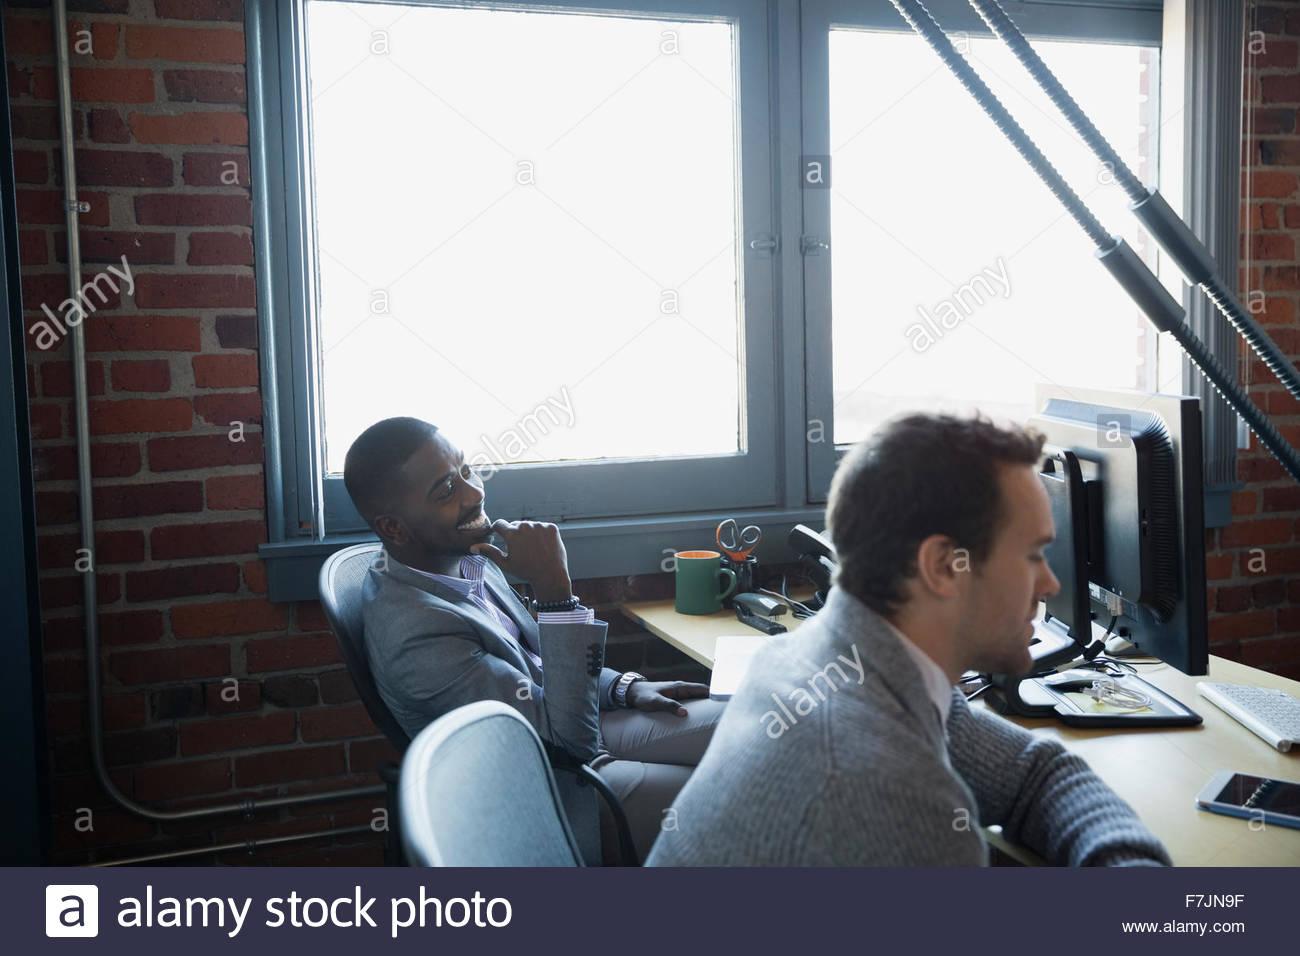 En la reunión de empresarios Imagen De Stock